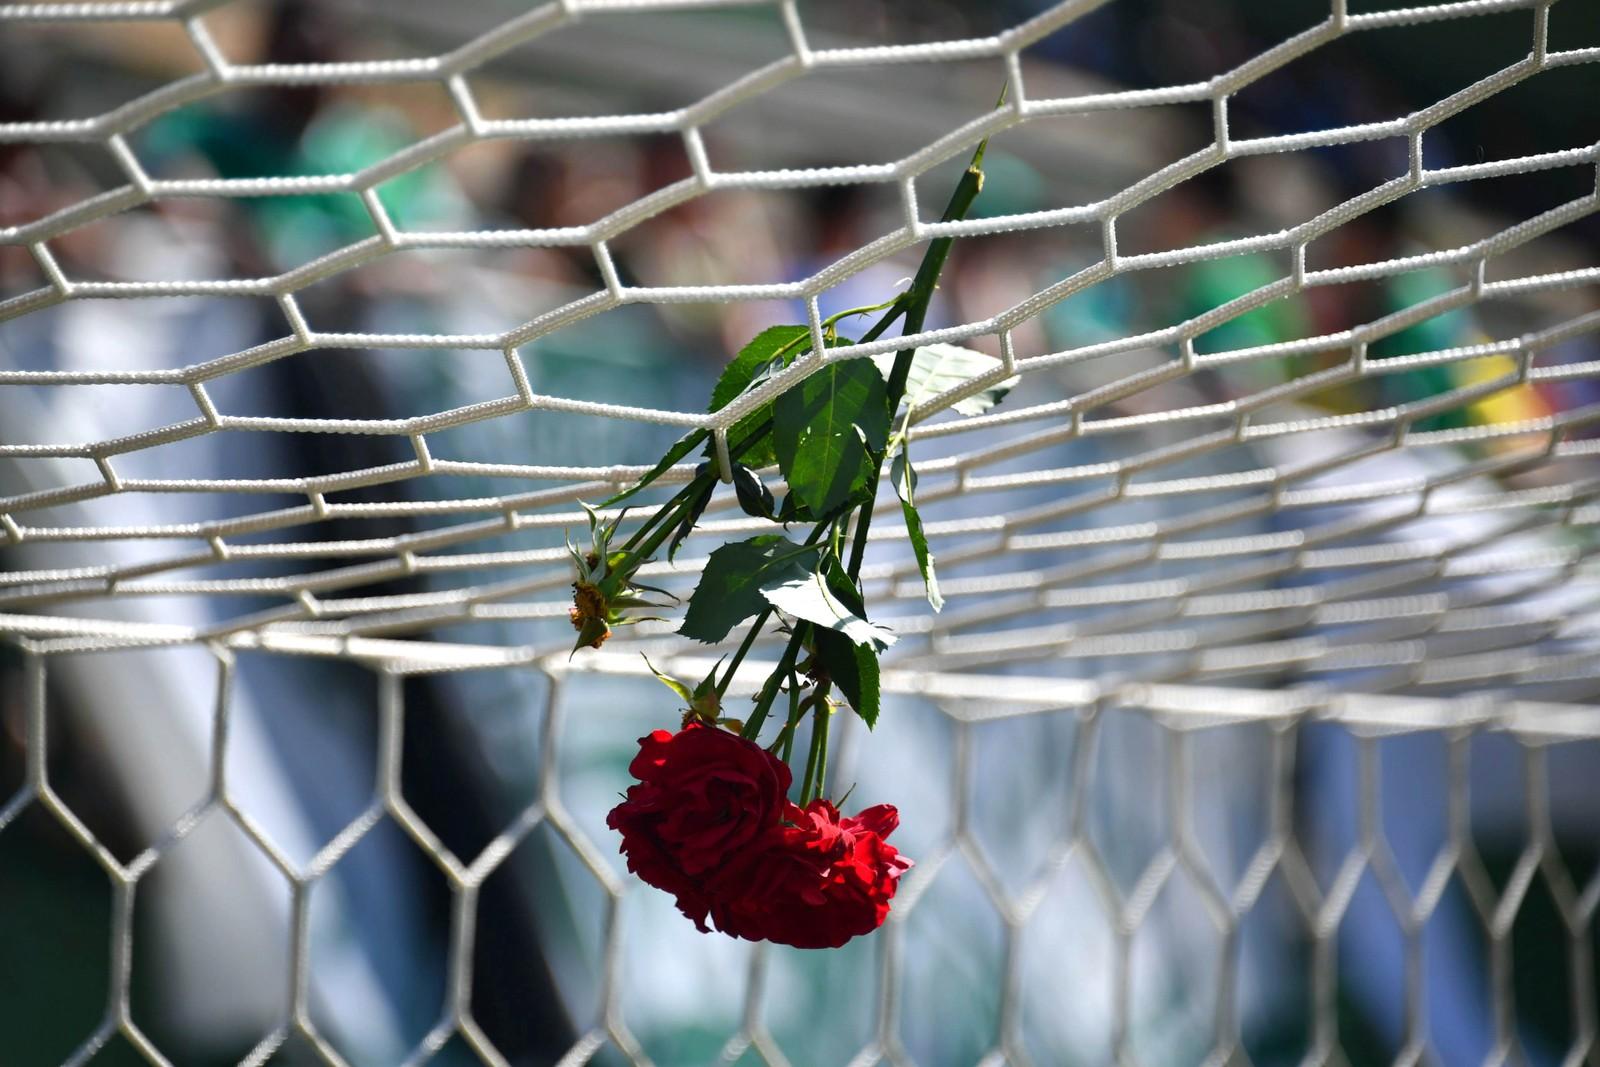 Denne rosen henger i nettet til minne om de brasilianske fotballspillerne fra Chapocoense Real som døde i en flyulykke i de colombianske fjellene. Bildet er tatt i hjemmearenaen i Chapeco, sør i Brasil.